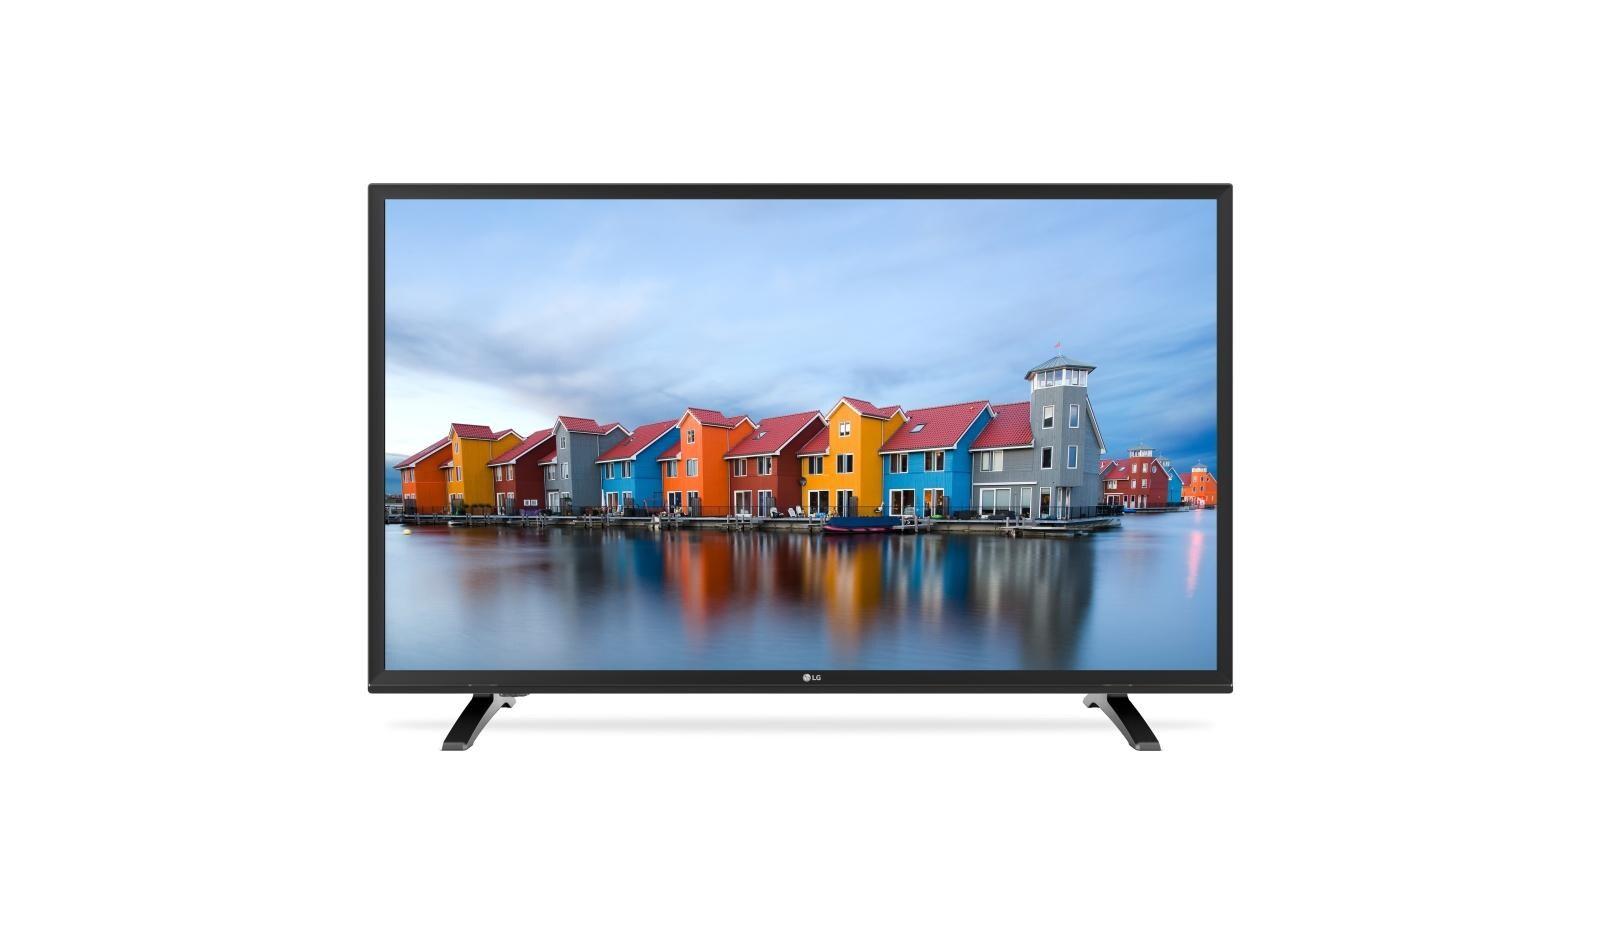 Lg 32lh500b 32 Inch Led Tv Lg Usa